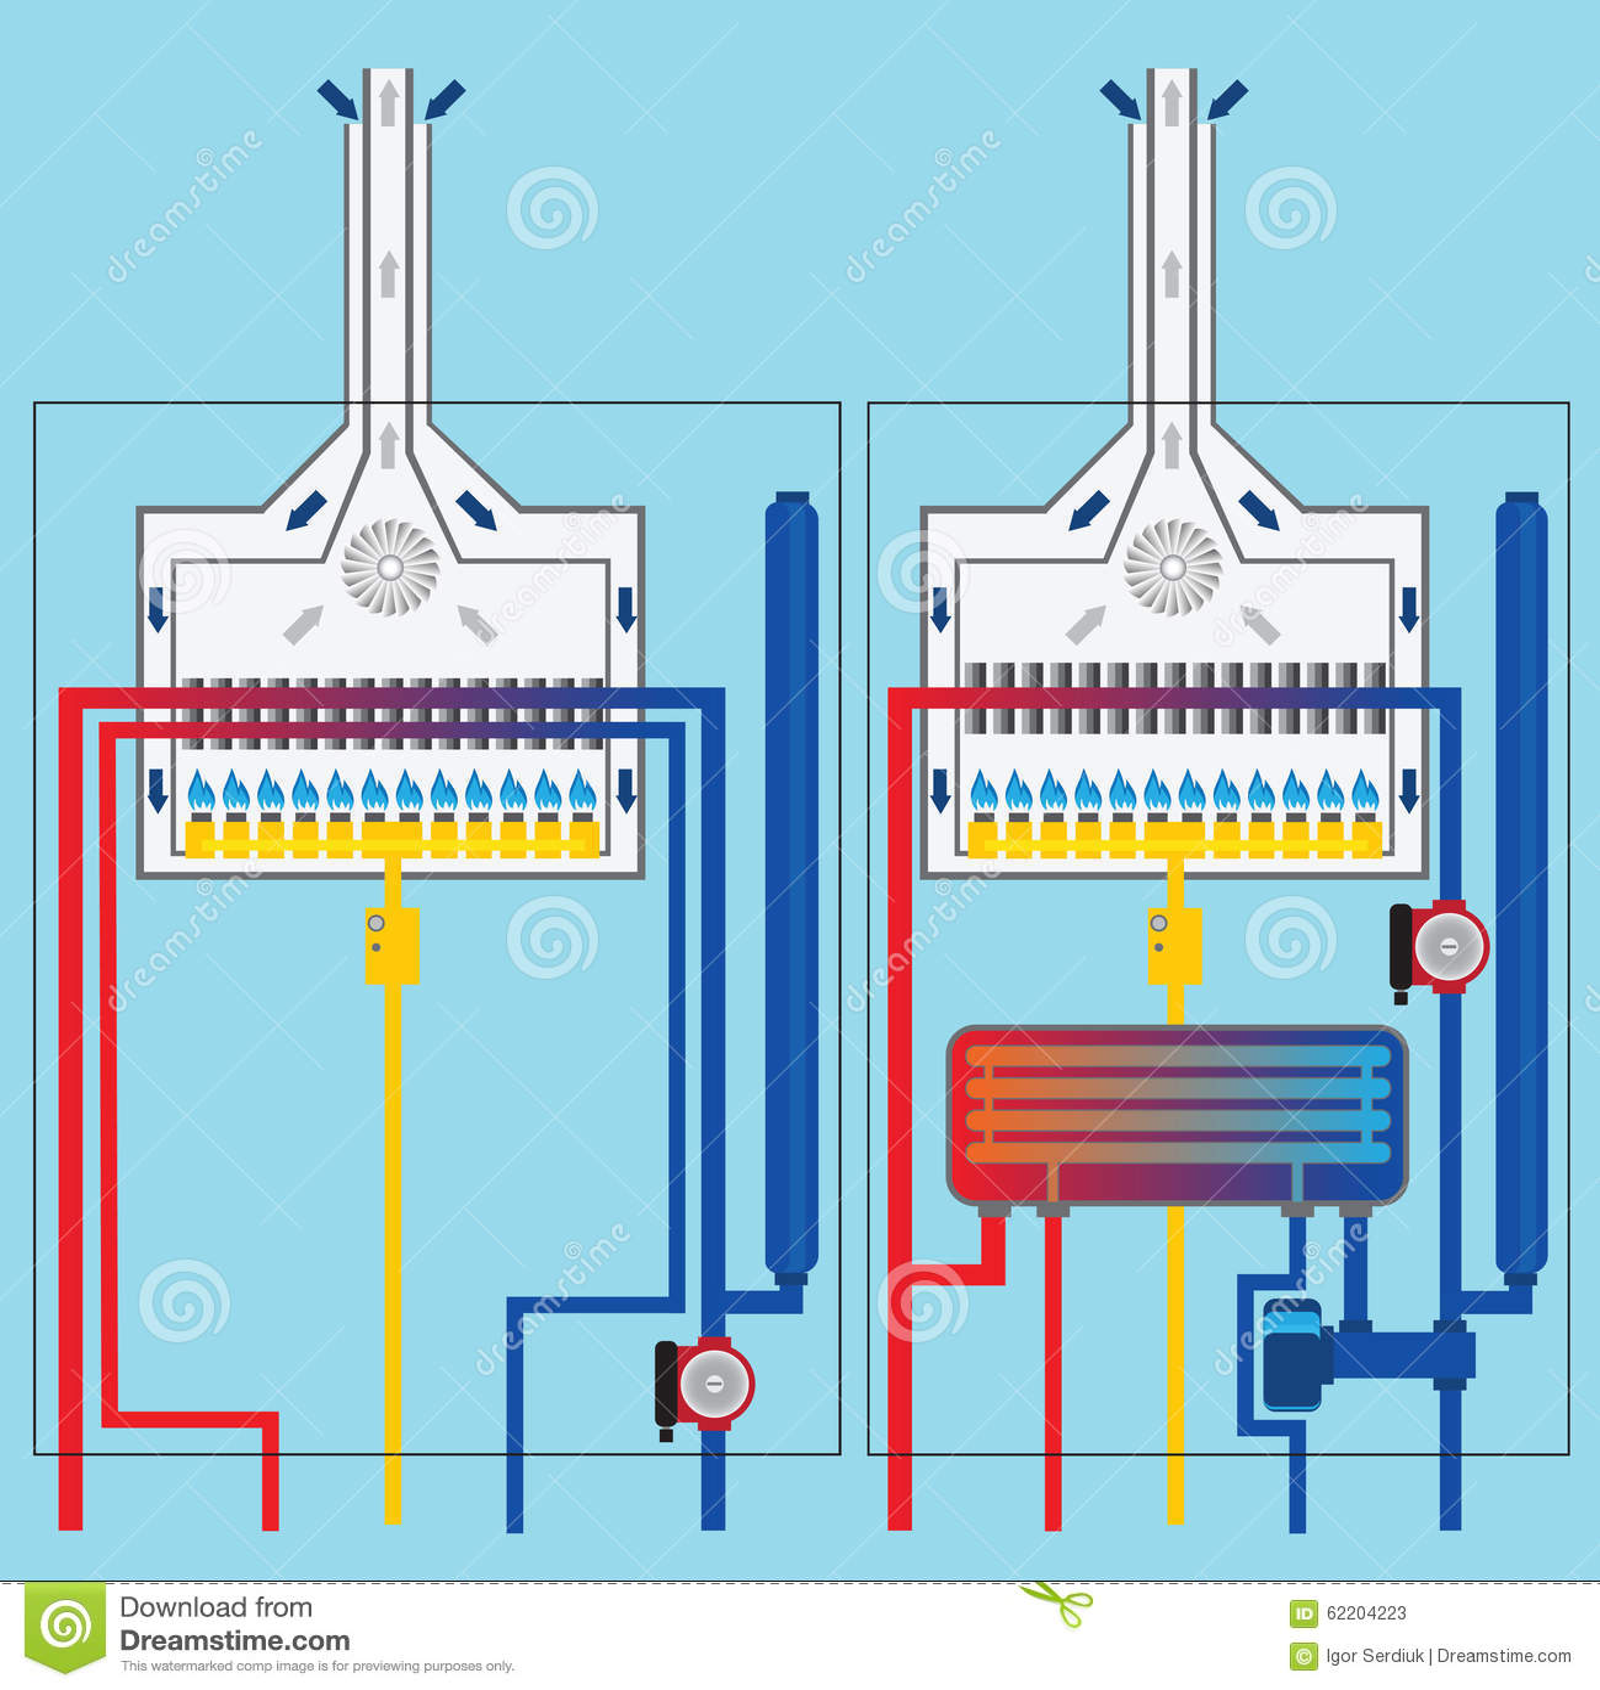 Caldaie a gas con lo scambiatore di calore illustrazione vettoriale illustrazione di casa - Scambiatore di calore casa ...